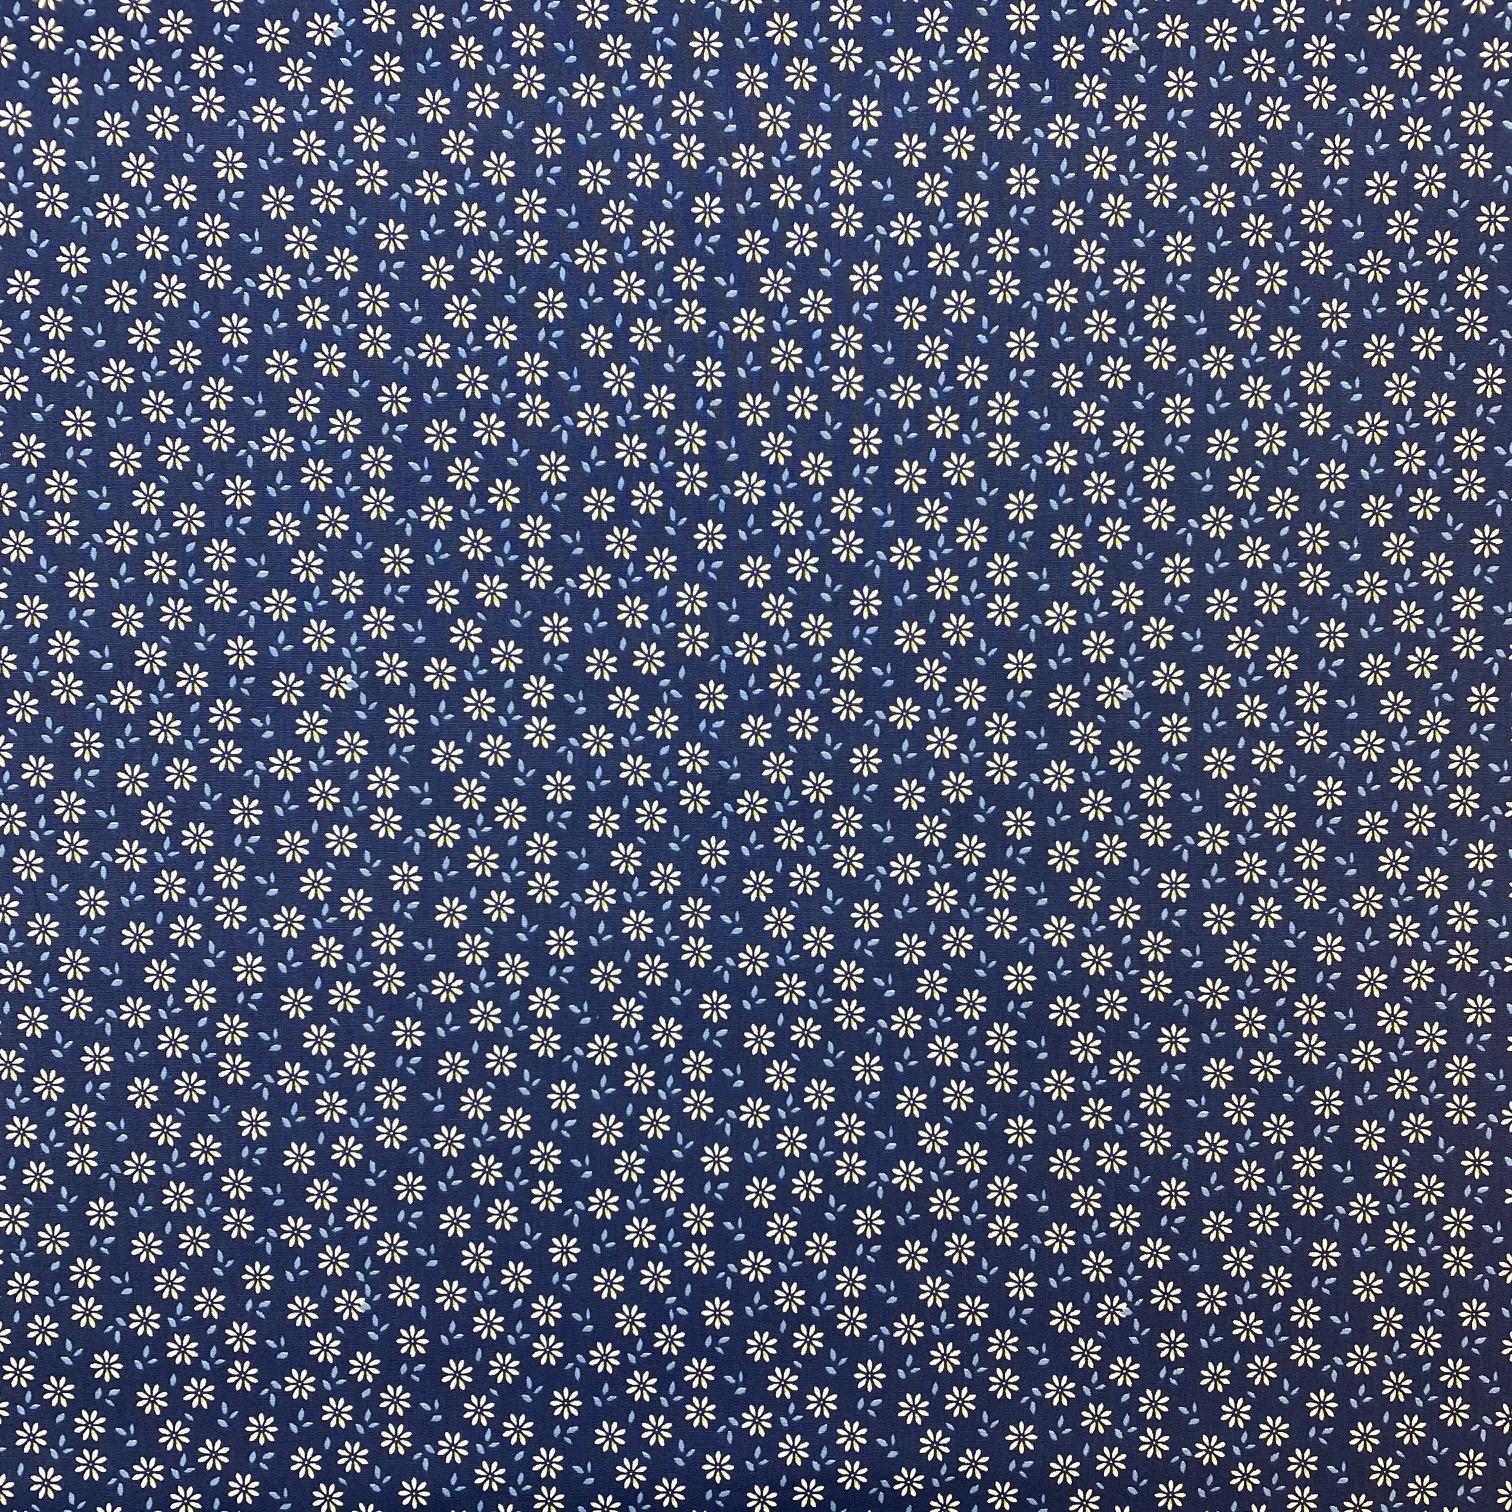 Baumwollpopeline, kleine Blumen. Art. SW11389